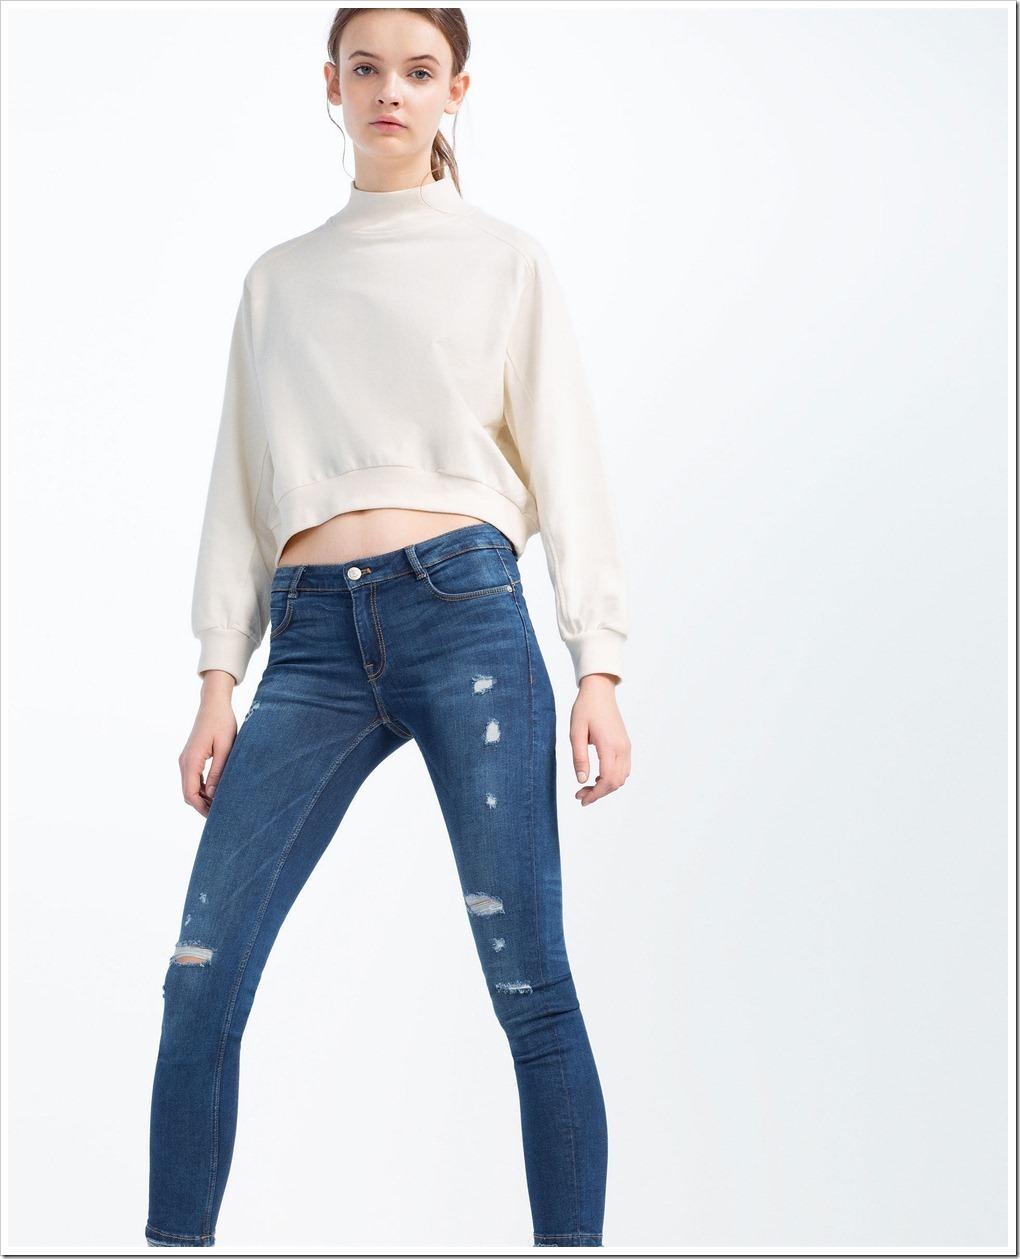 ZARA jeans for women : Denimsandjeans.com